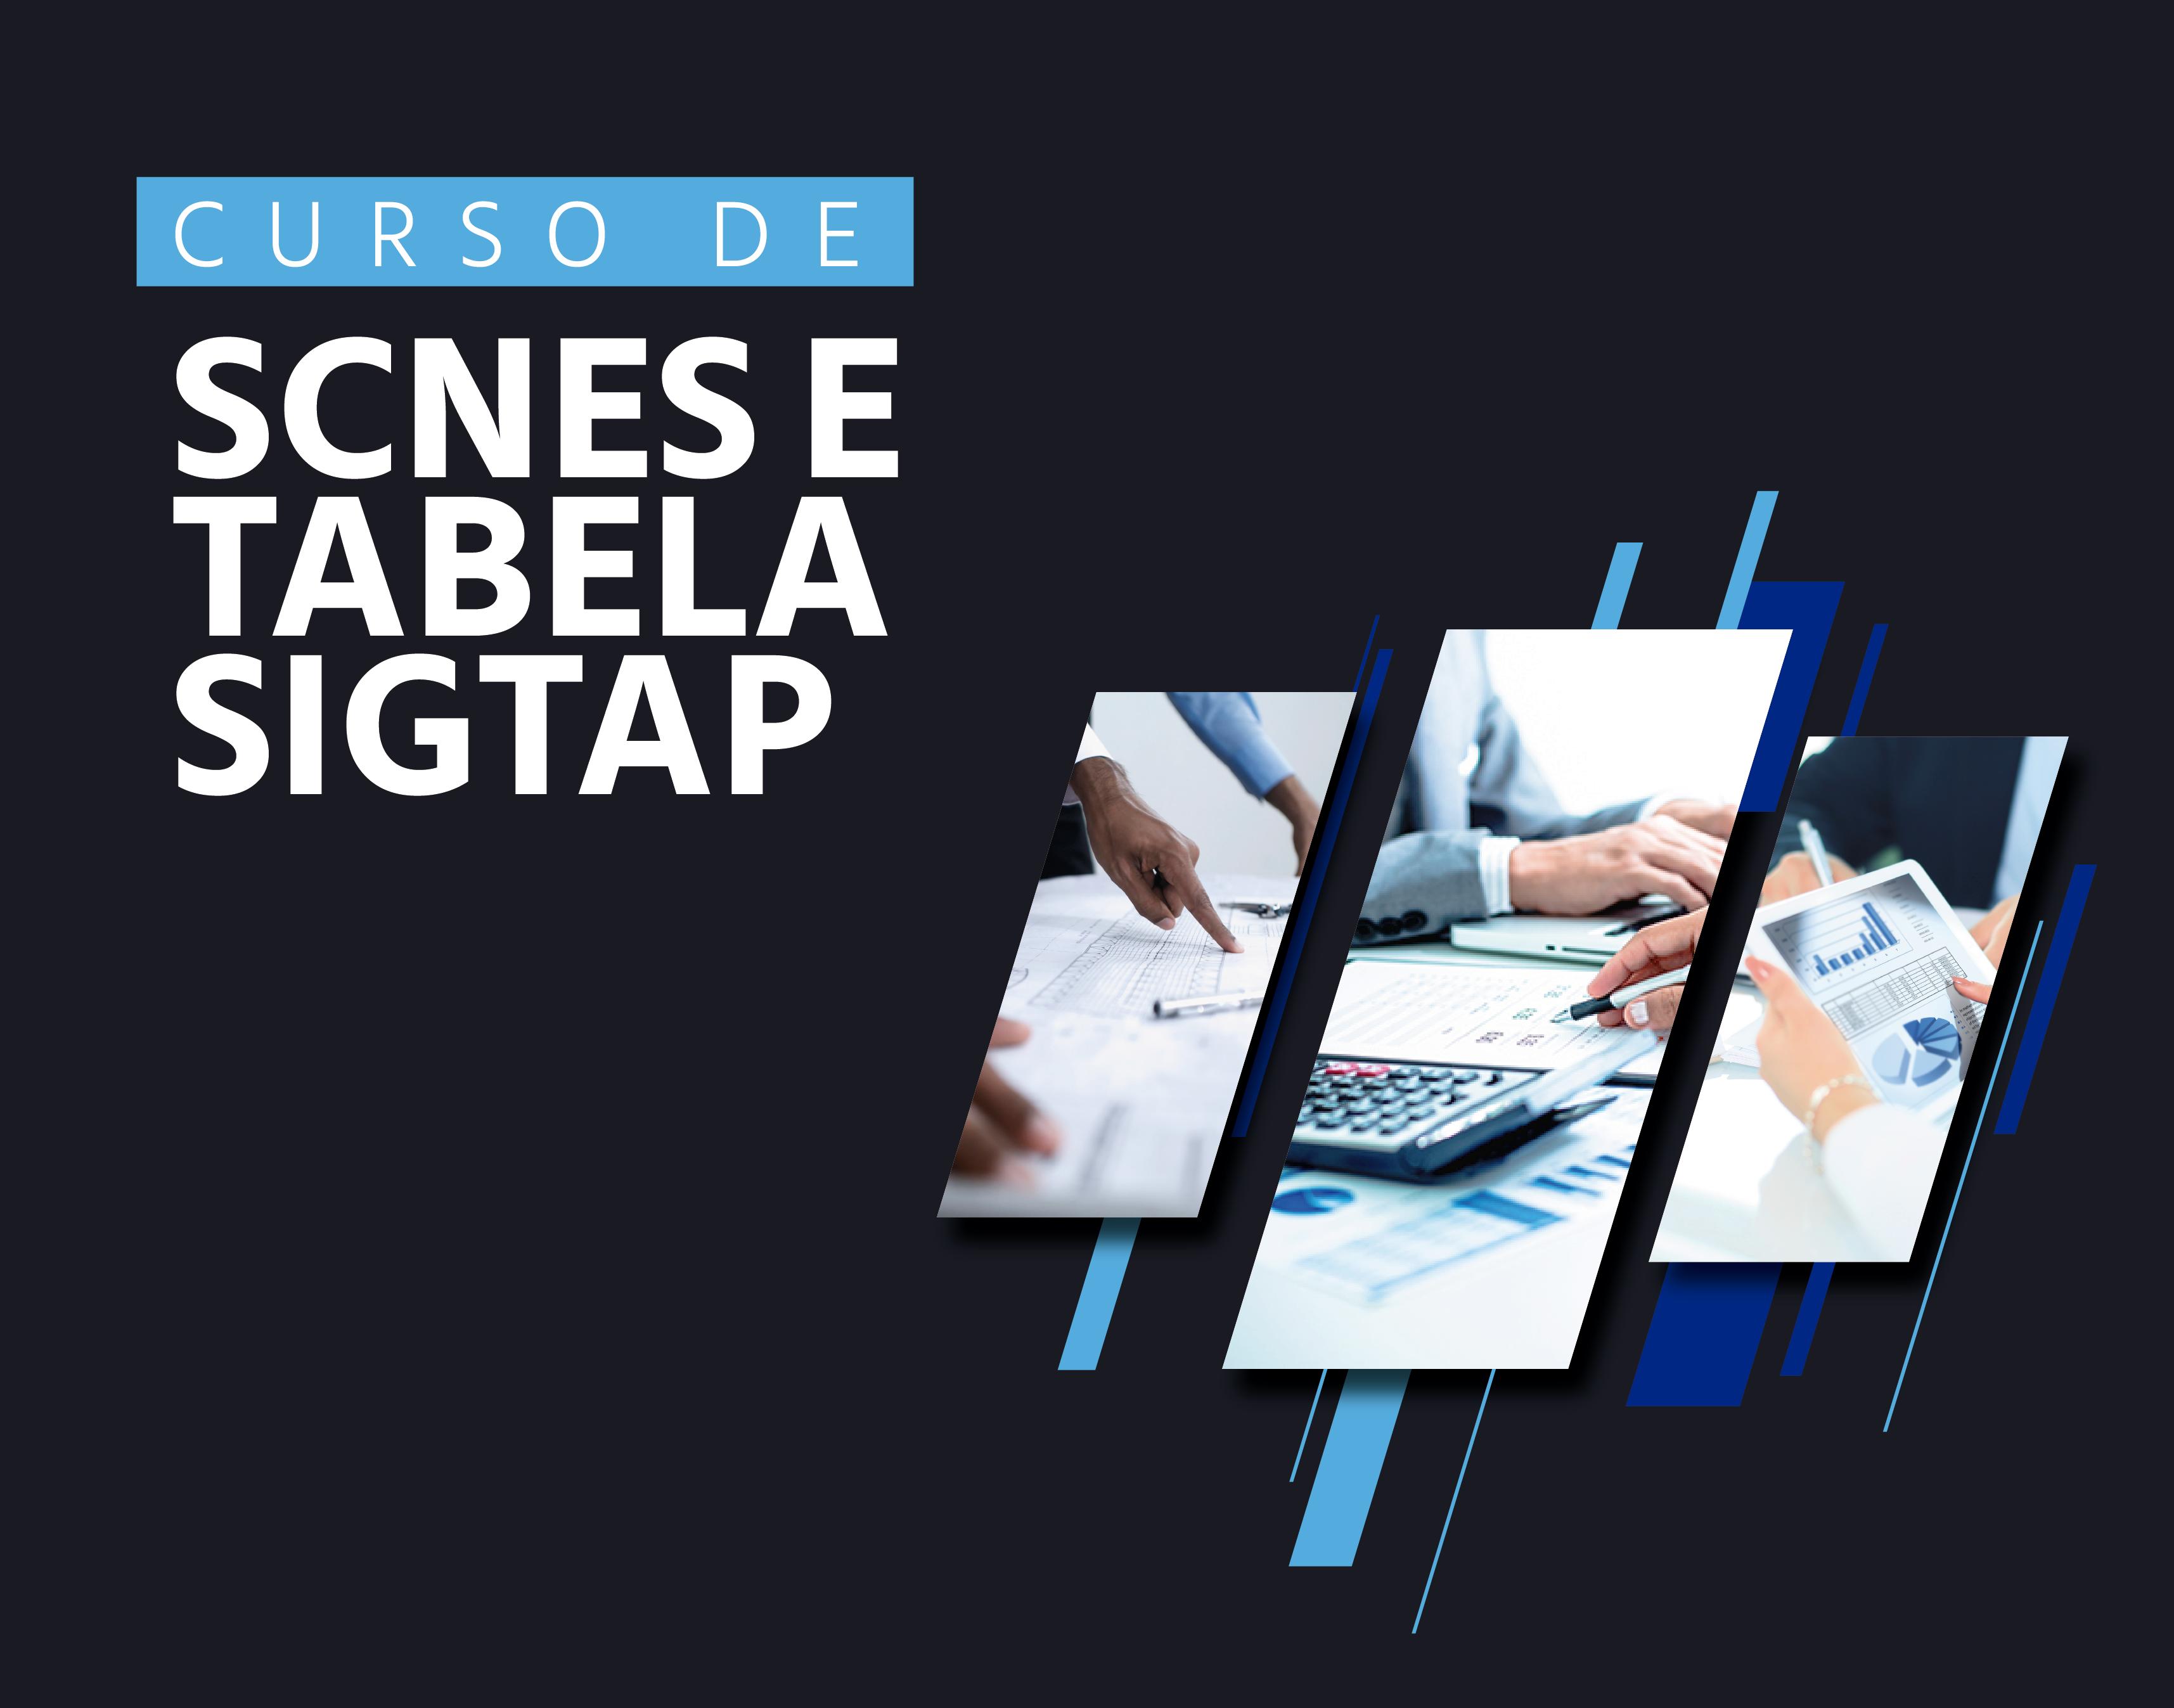 CURSO de SCNES E TABELA SIGTAP